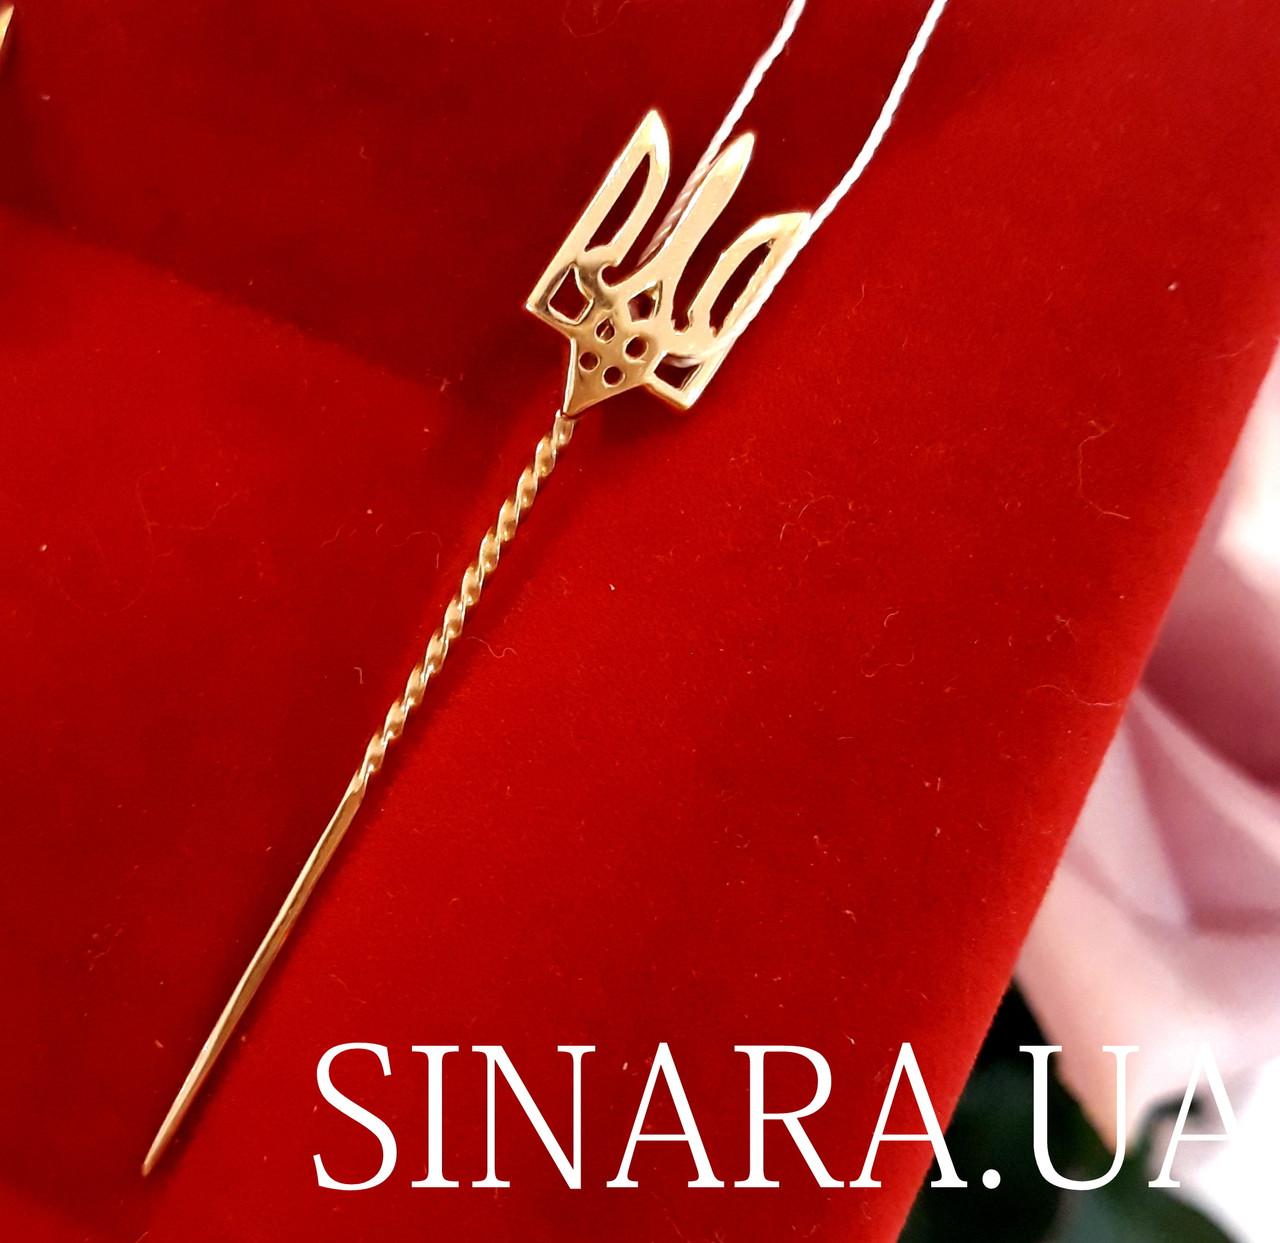 Золотий Тризуб значок - Золотой Тризуб на пиджак - Золотой Трезубец булавка